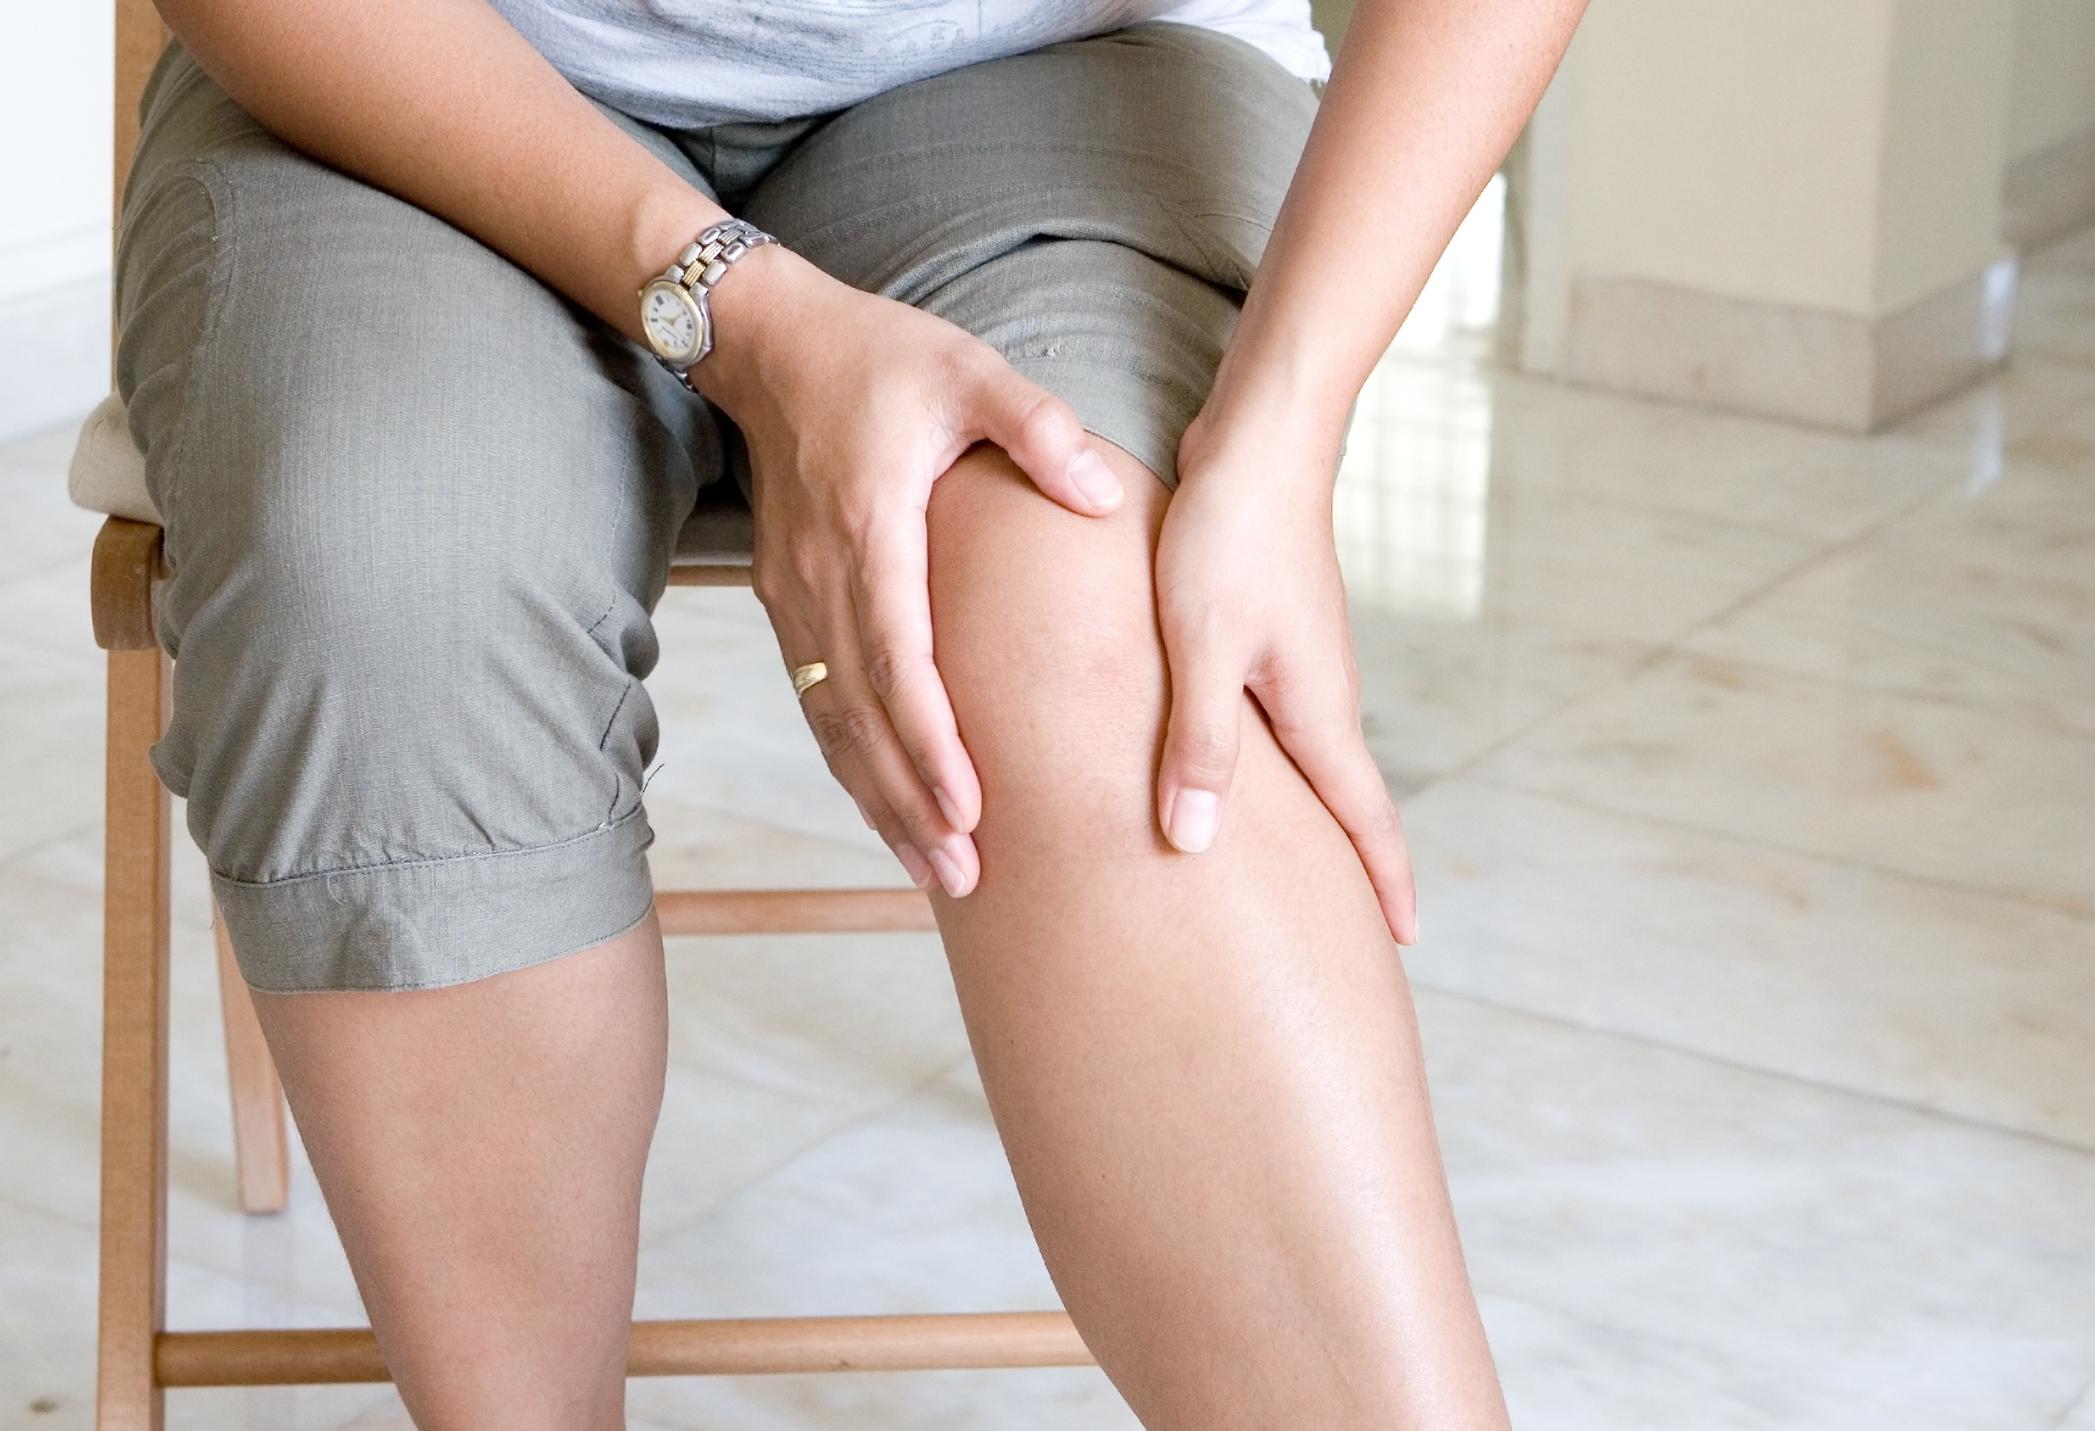 trombózis hipertónia lehetséges-e foszfoglivet szedni magas vérnyomás esetén